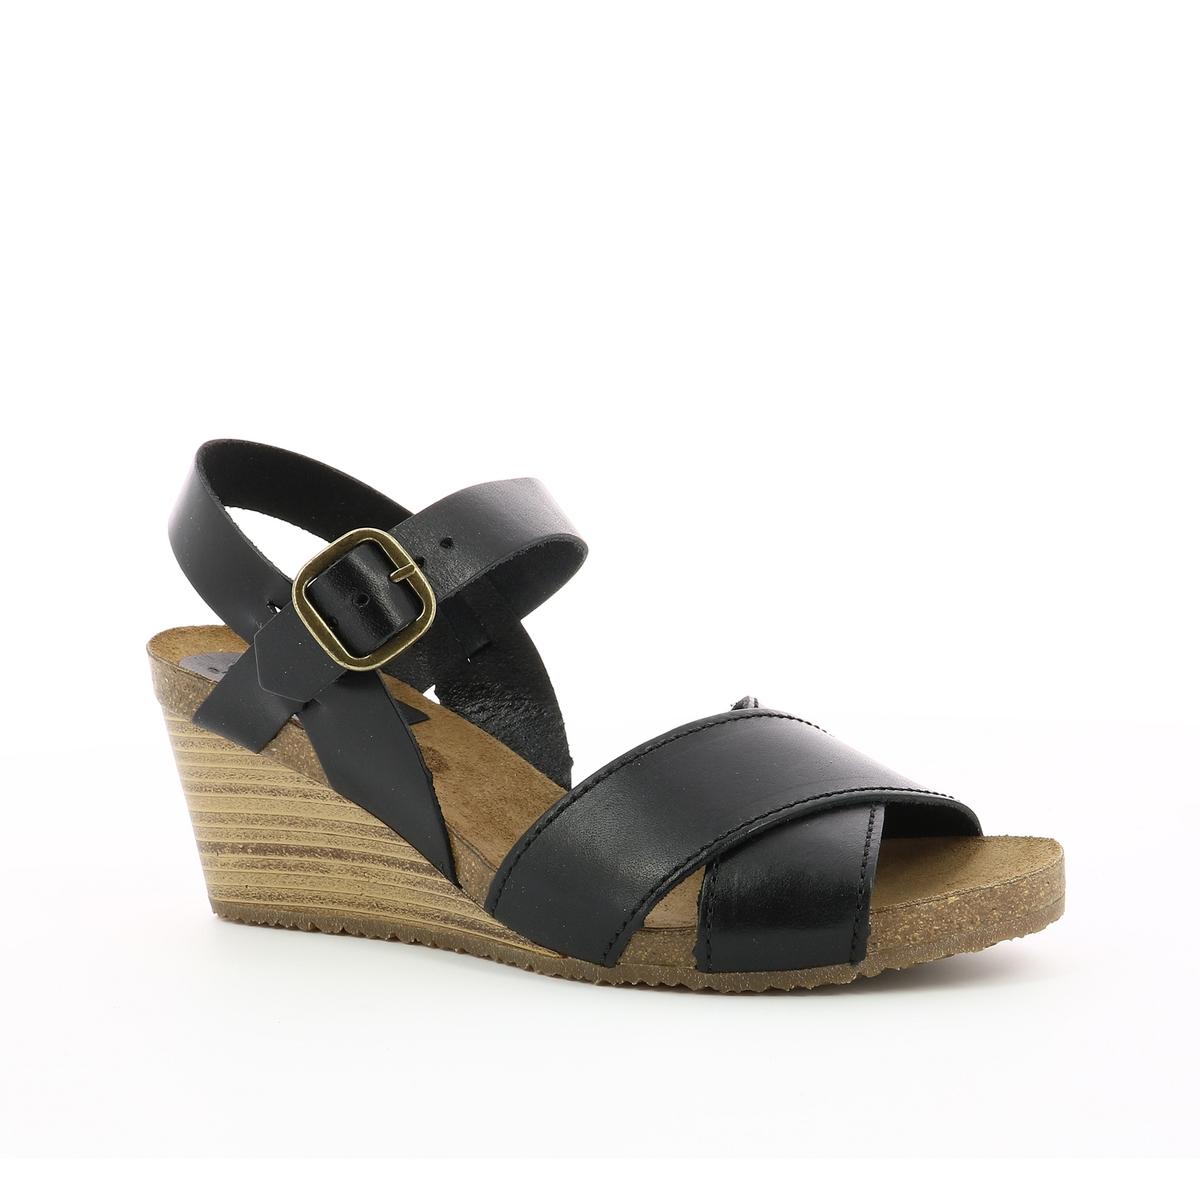 Imagen secundaria de producto de Sandalias de piel Salambo - Kickers